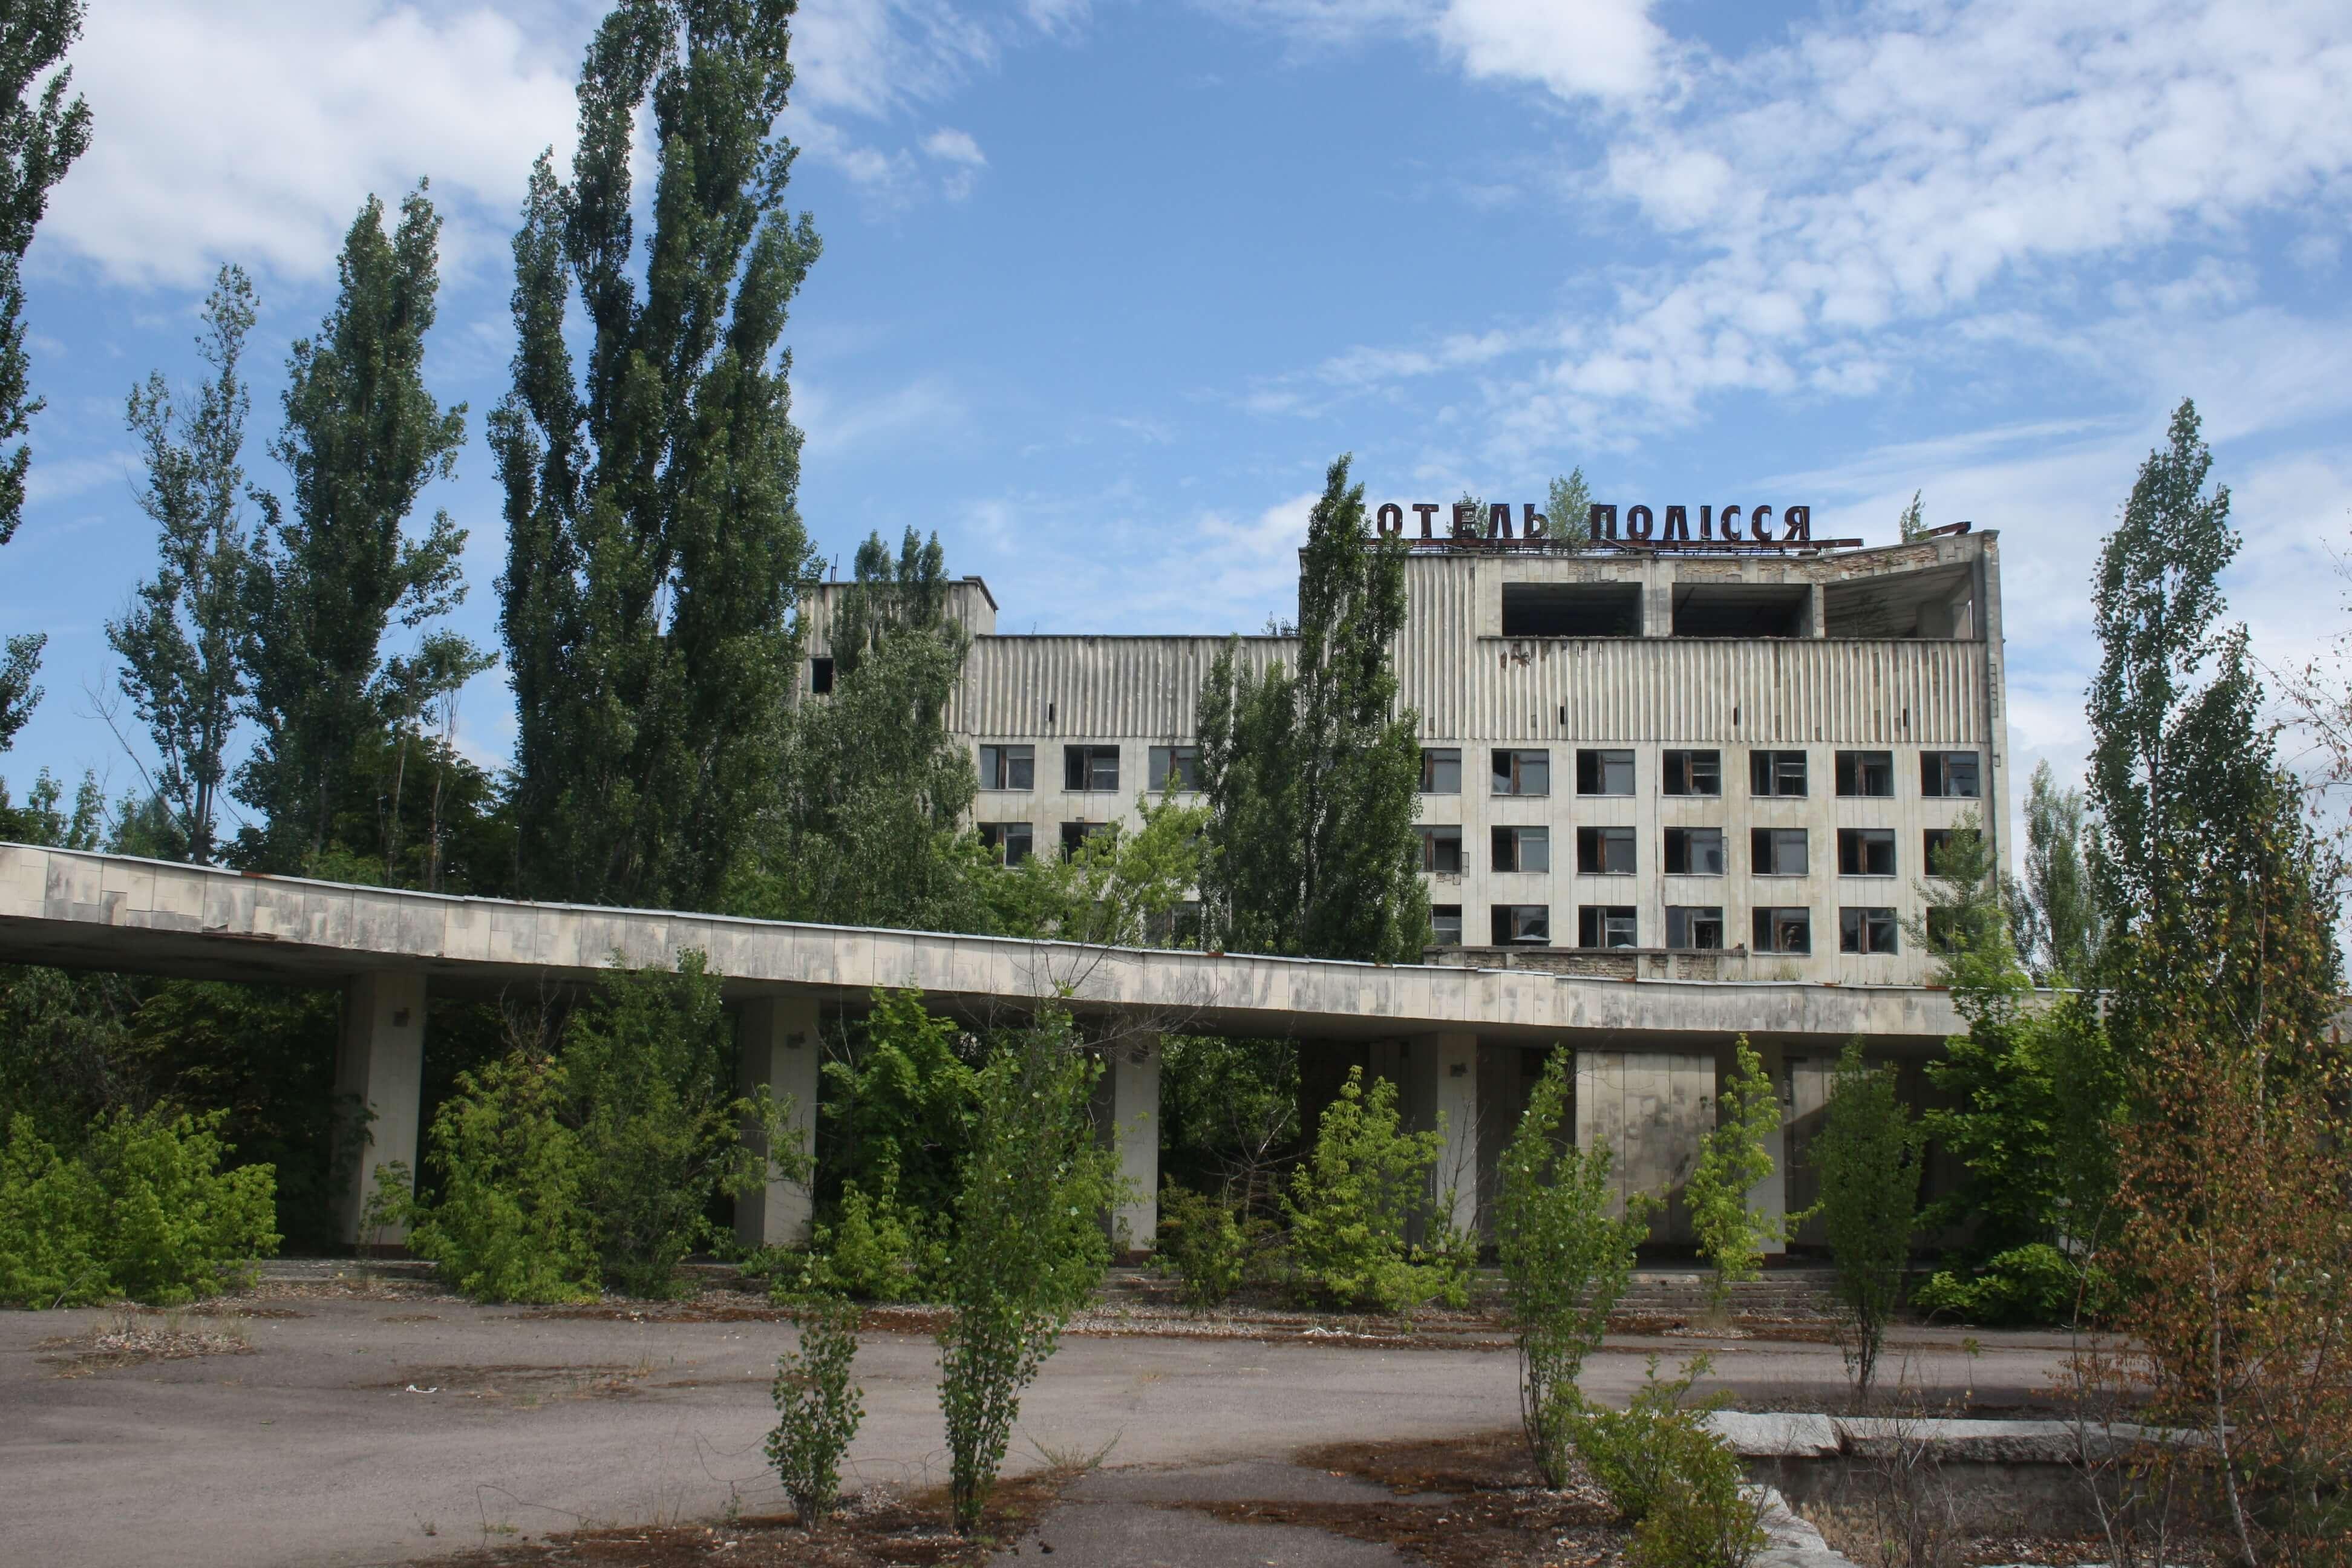 Rozhovor: Skutočnosť a mýty Černobyľu